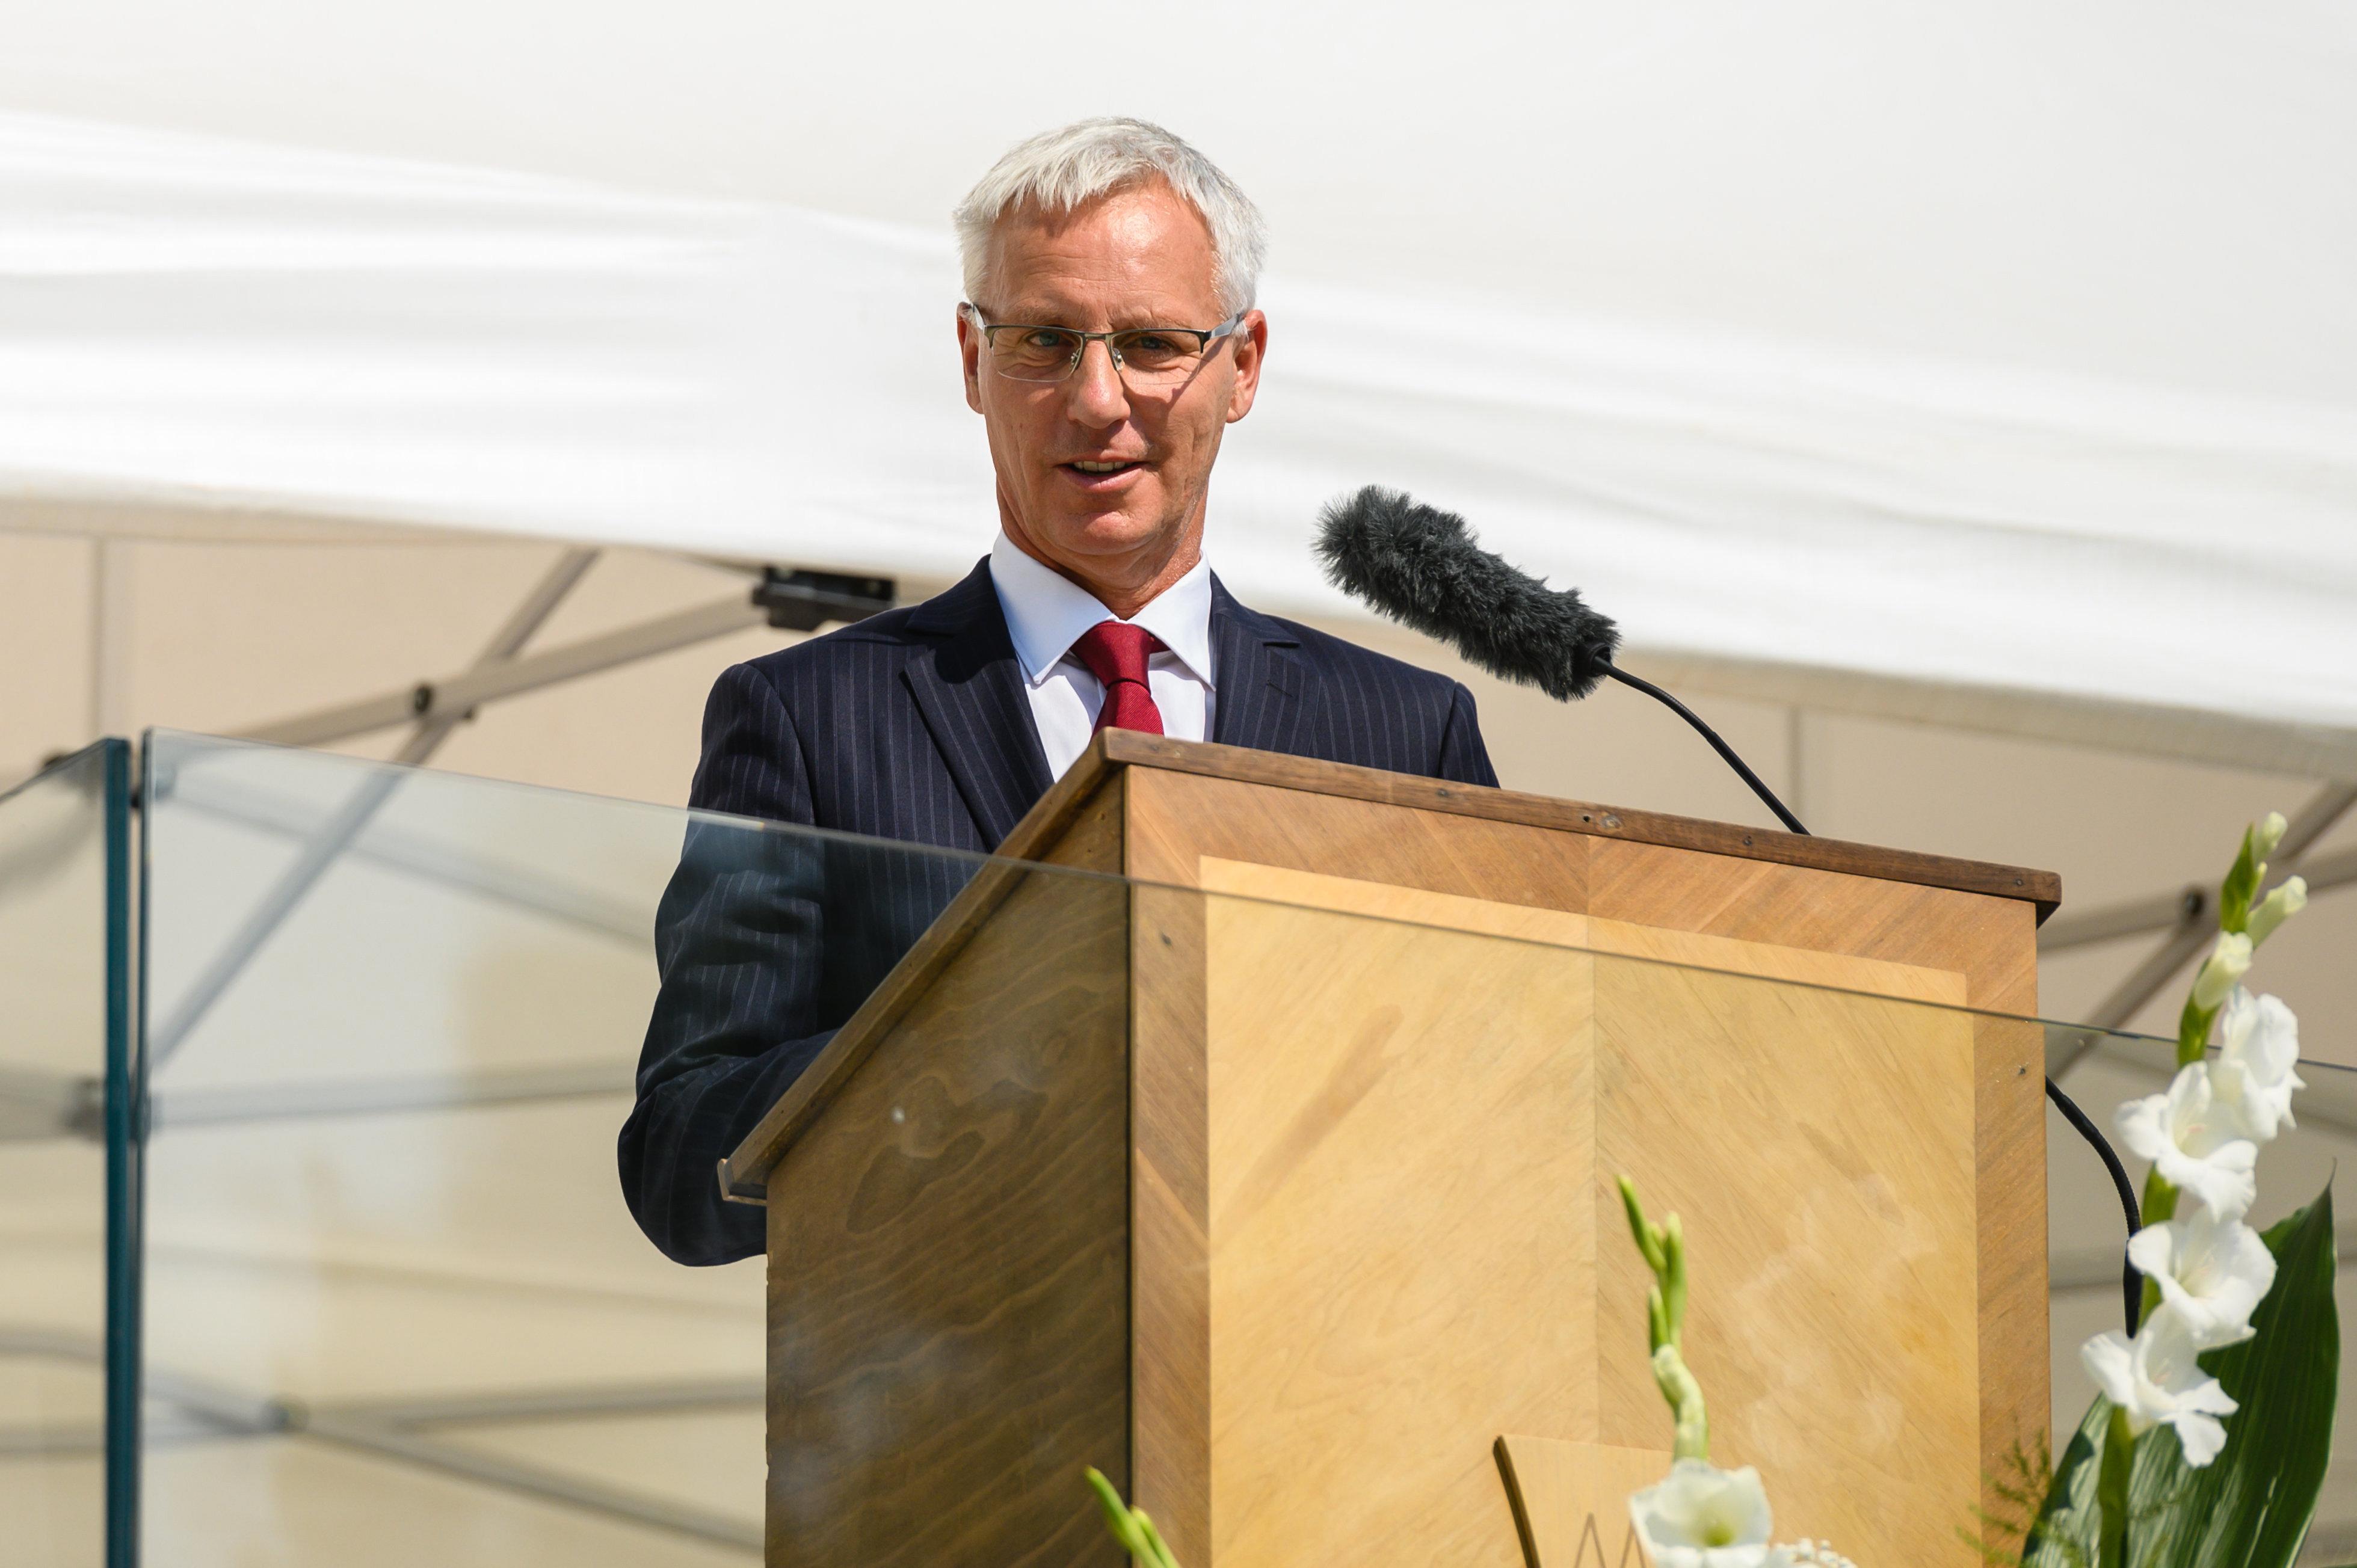 Kikezdik legalapvetőbb emberi értékeinket, megértőek a válásokkal – mondta Spányi püspök, és átadta a másfél milliárdért felújított kegyhelyet